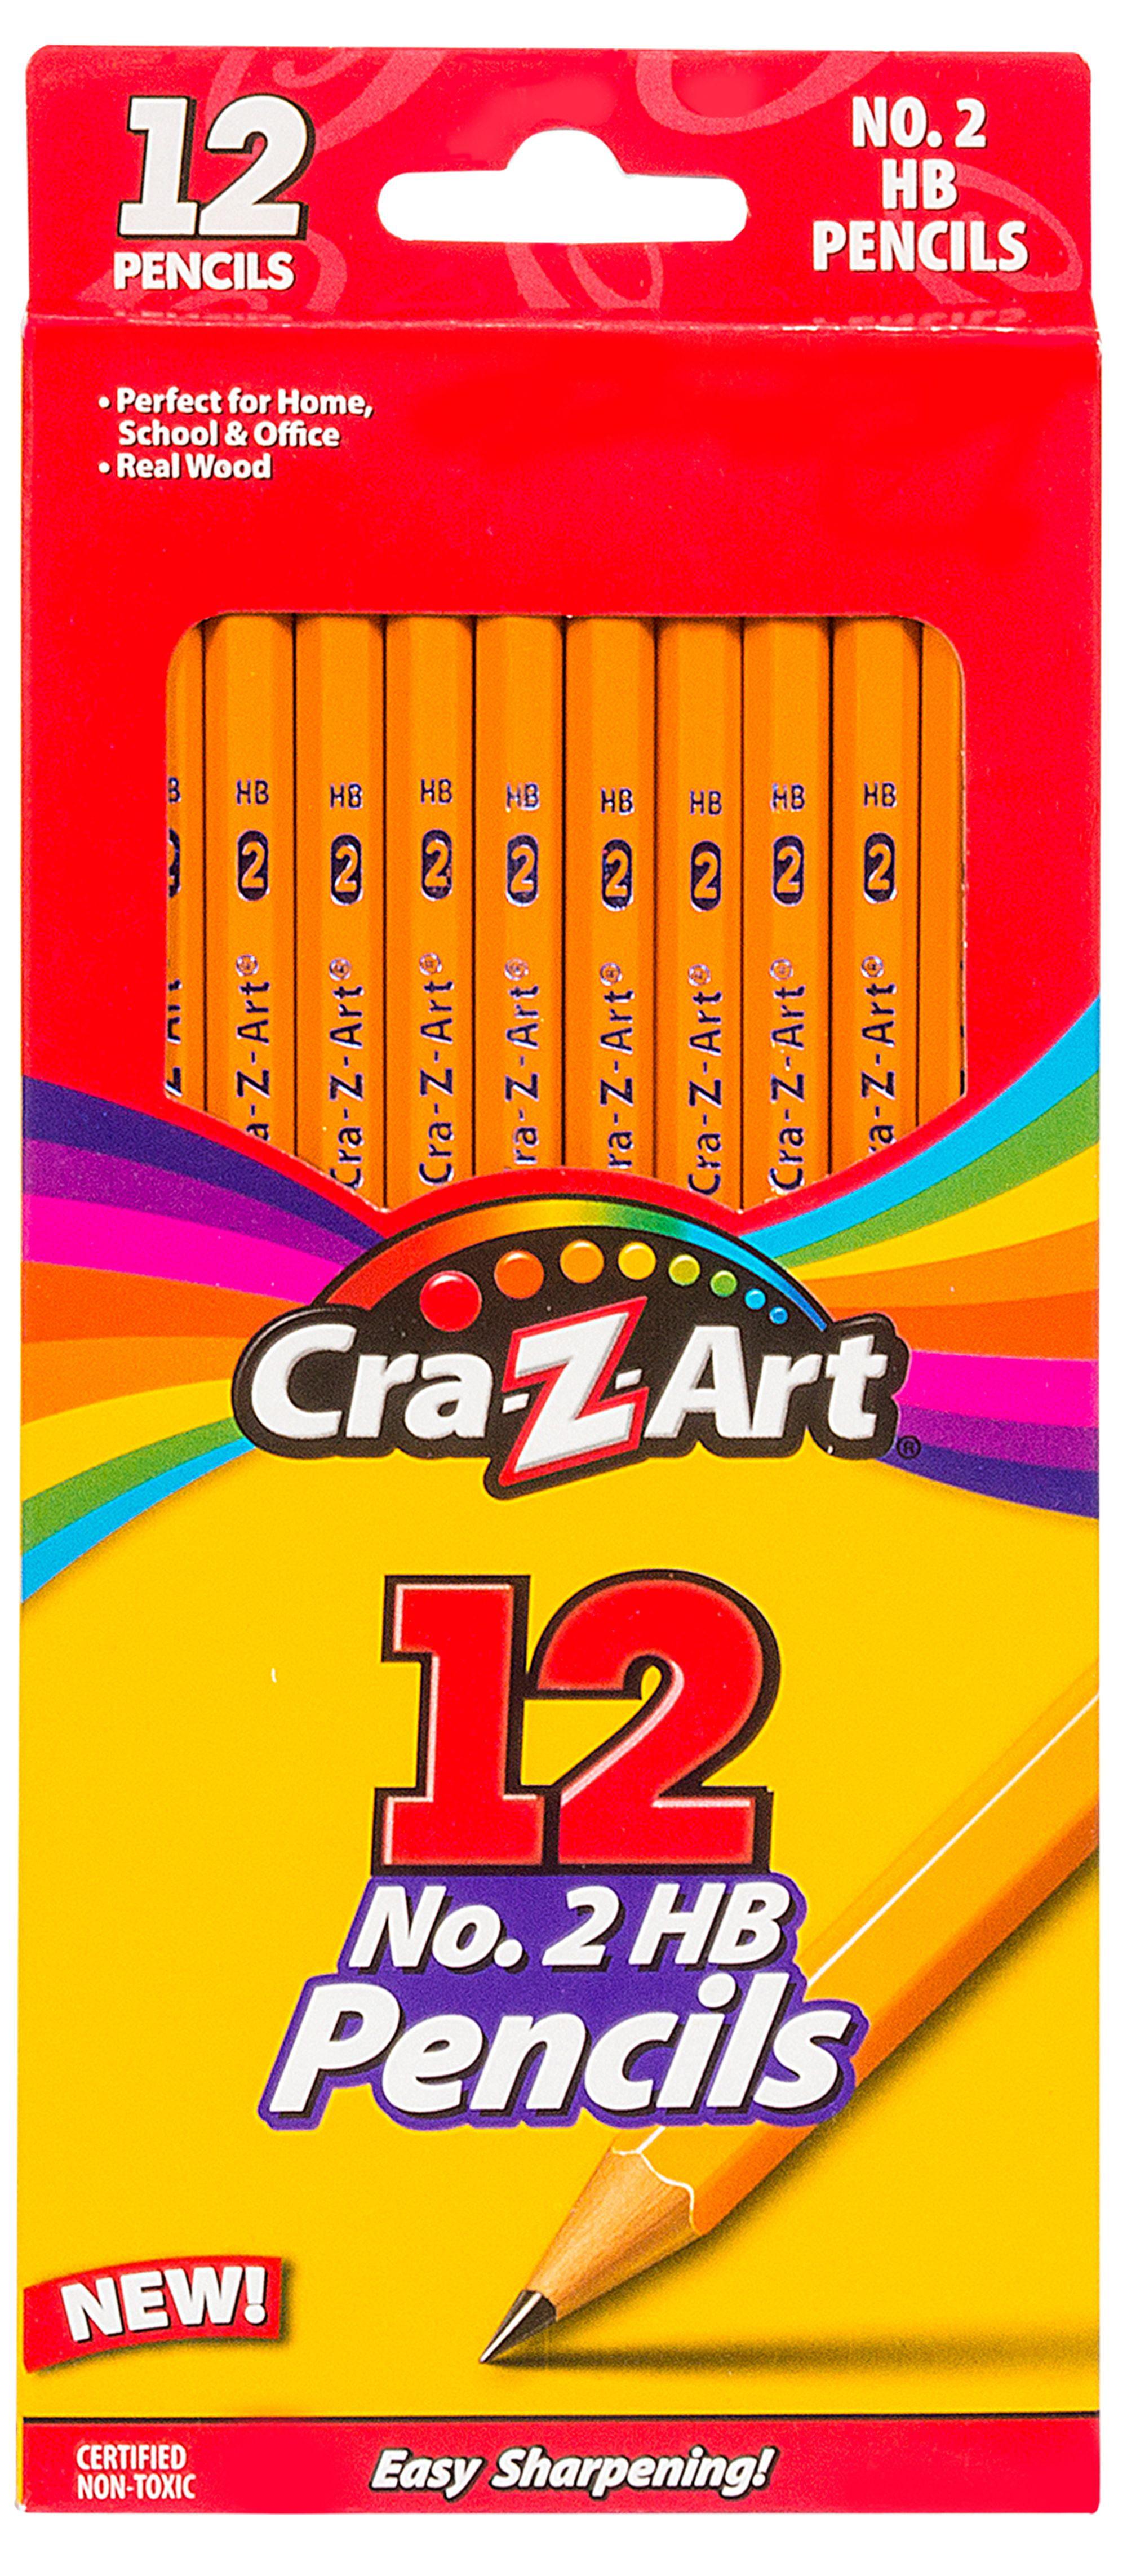 Cra-Z-Art No. 2HB School Pencils, Real Wood - 12 Count ...